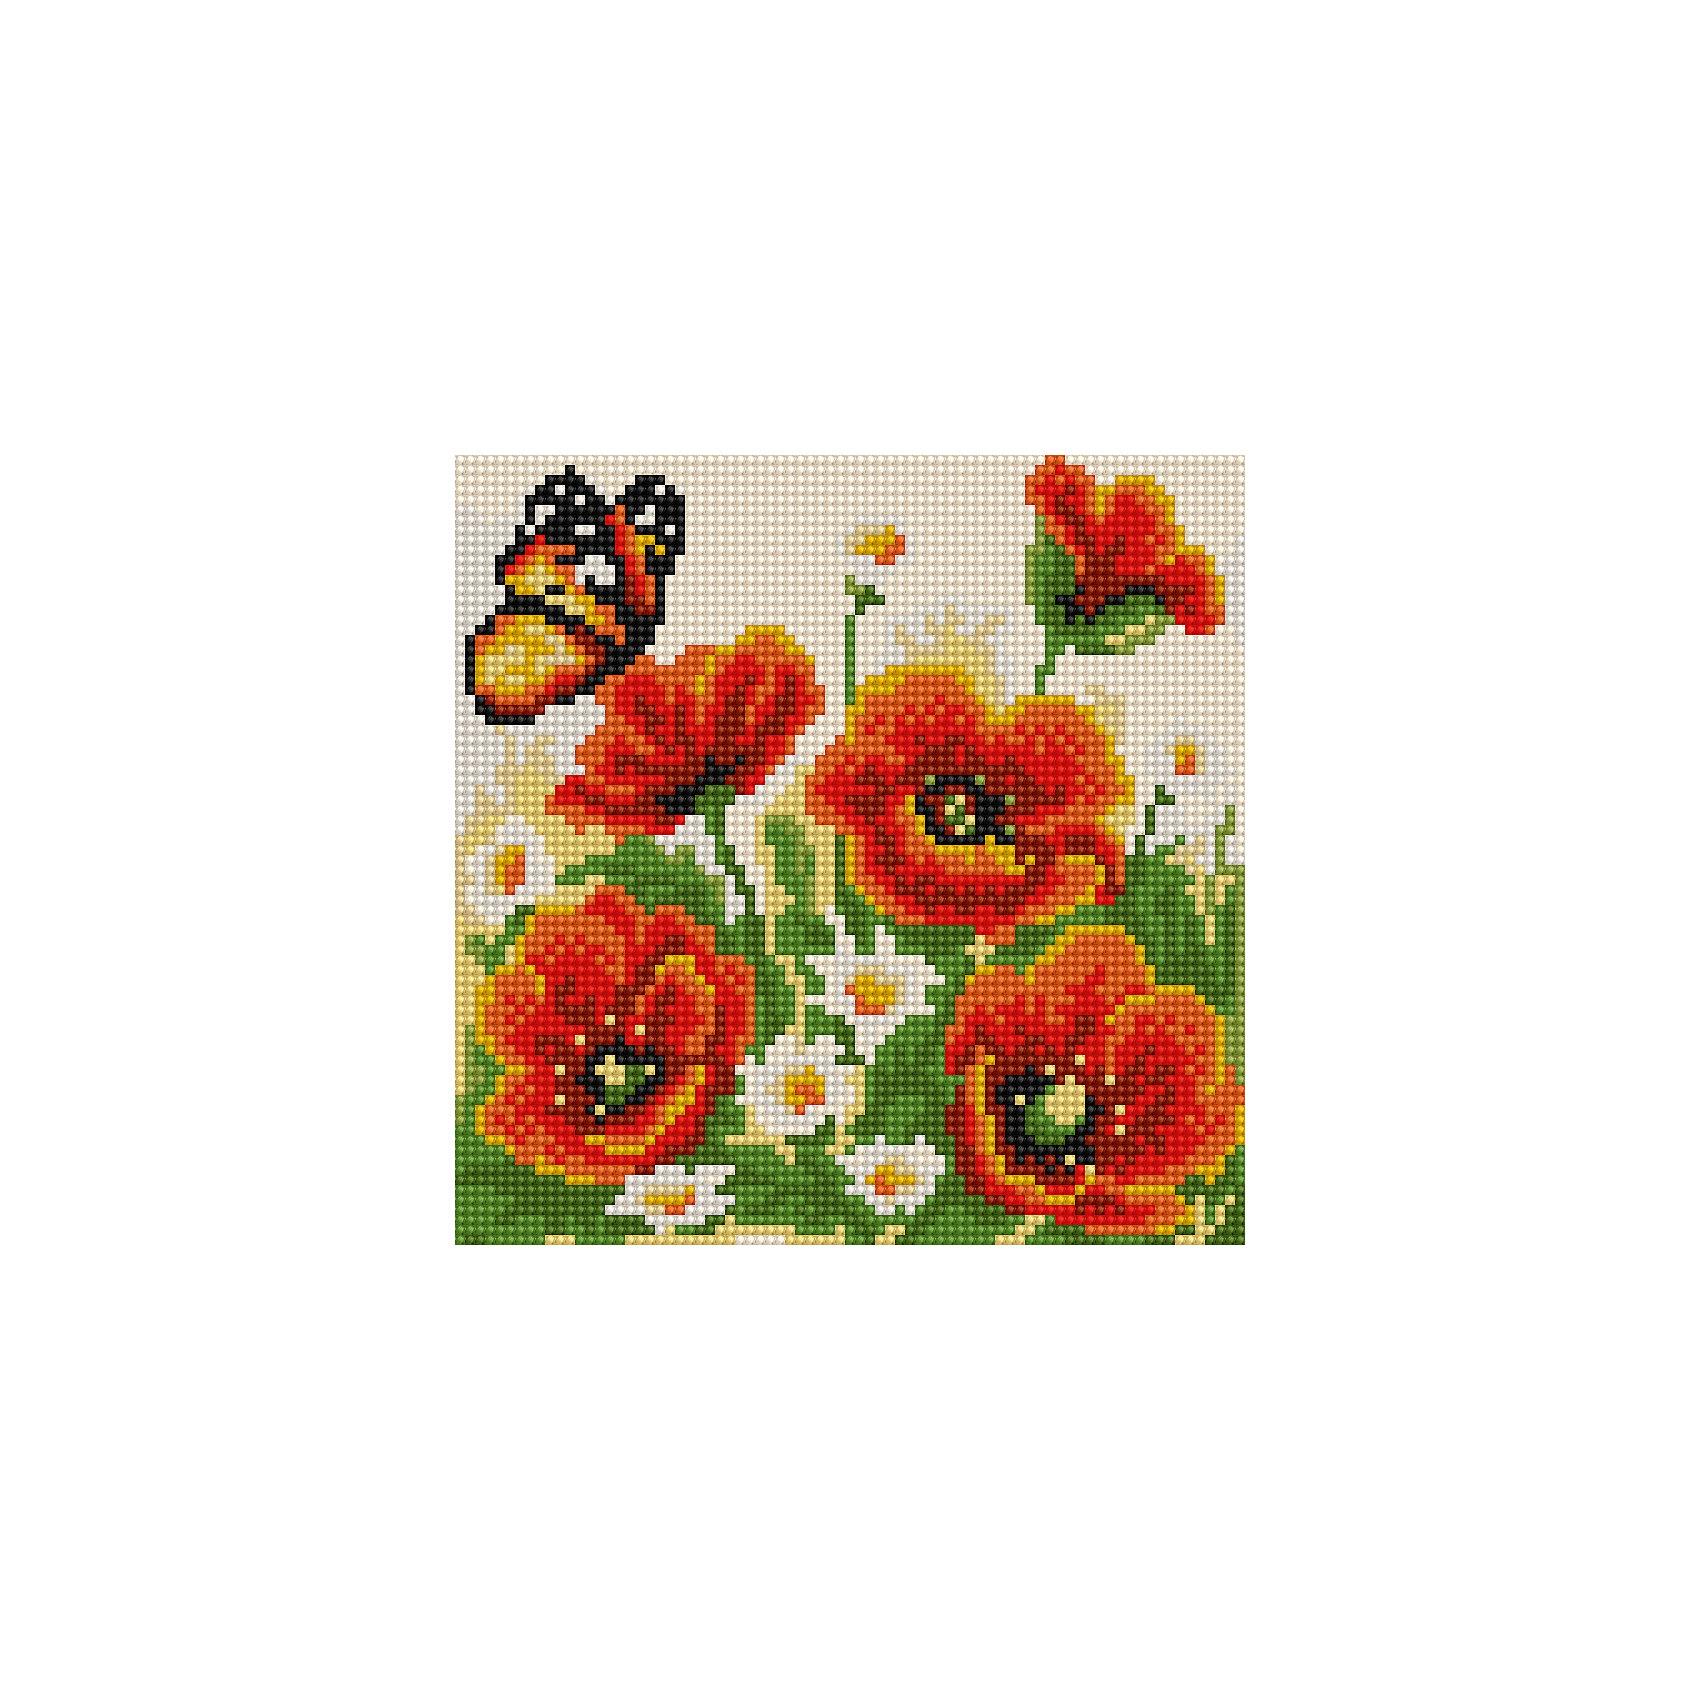 Алмазная мозаика по номерами Маки и бабочка 20*20 смАлмазная мозаика по номерами Маки и бабочка 20х20 см.<br><br>Характеристика:<br><br>• Материал: пластик, картон.  <br>• Размер упаковки: 22х22х3 см. <br>• Размер готовой картинки: 20х20 см. <br>• Комплектация: холст на подрамнике, искусственные камни, пинцет, пластмассовый лоток, пластмассовый карандаш для приклеивания, клей.<br>• Развивает мелкую моторику, внимание, усидчивость, цветовосприятие. <br><br>Набор для творчества Алмазная мозаика по номерам - полезный и всегда желанный подарок на любой праздник. <br>Предложите вашему ребенку создать яркую переливающуюся картинку. Для этого нужно наклеить разноцветные камушки на картонную основу с уже нанесенным контурным рисунком - и маленький красочный шедевр готов! <br>Собирание мозаики прекрасно развивает моторику рук, фантазию, цветовосприятие и мышление, а также дарит море положительный эмоций. <br><br>Алмазную мозаику по номерами Маки и бабочка 20х20 см, можно купить в нашем интернет-магазине.<br><br>Ширина мм: 220<br>Глубина мм: 220<br>Высота мм: 30<br>Вес г: 900<br>Возраст от месяцев: 96<br>Возраст до месяцев: 2147483647<br>Пол: Женский<br>Возраст: Детский<br>SKU: 5217188